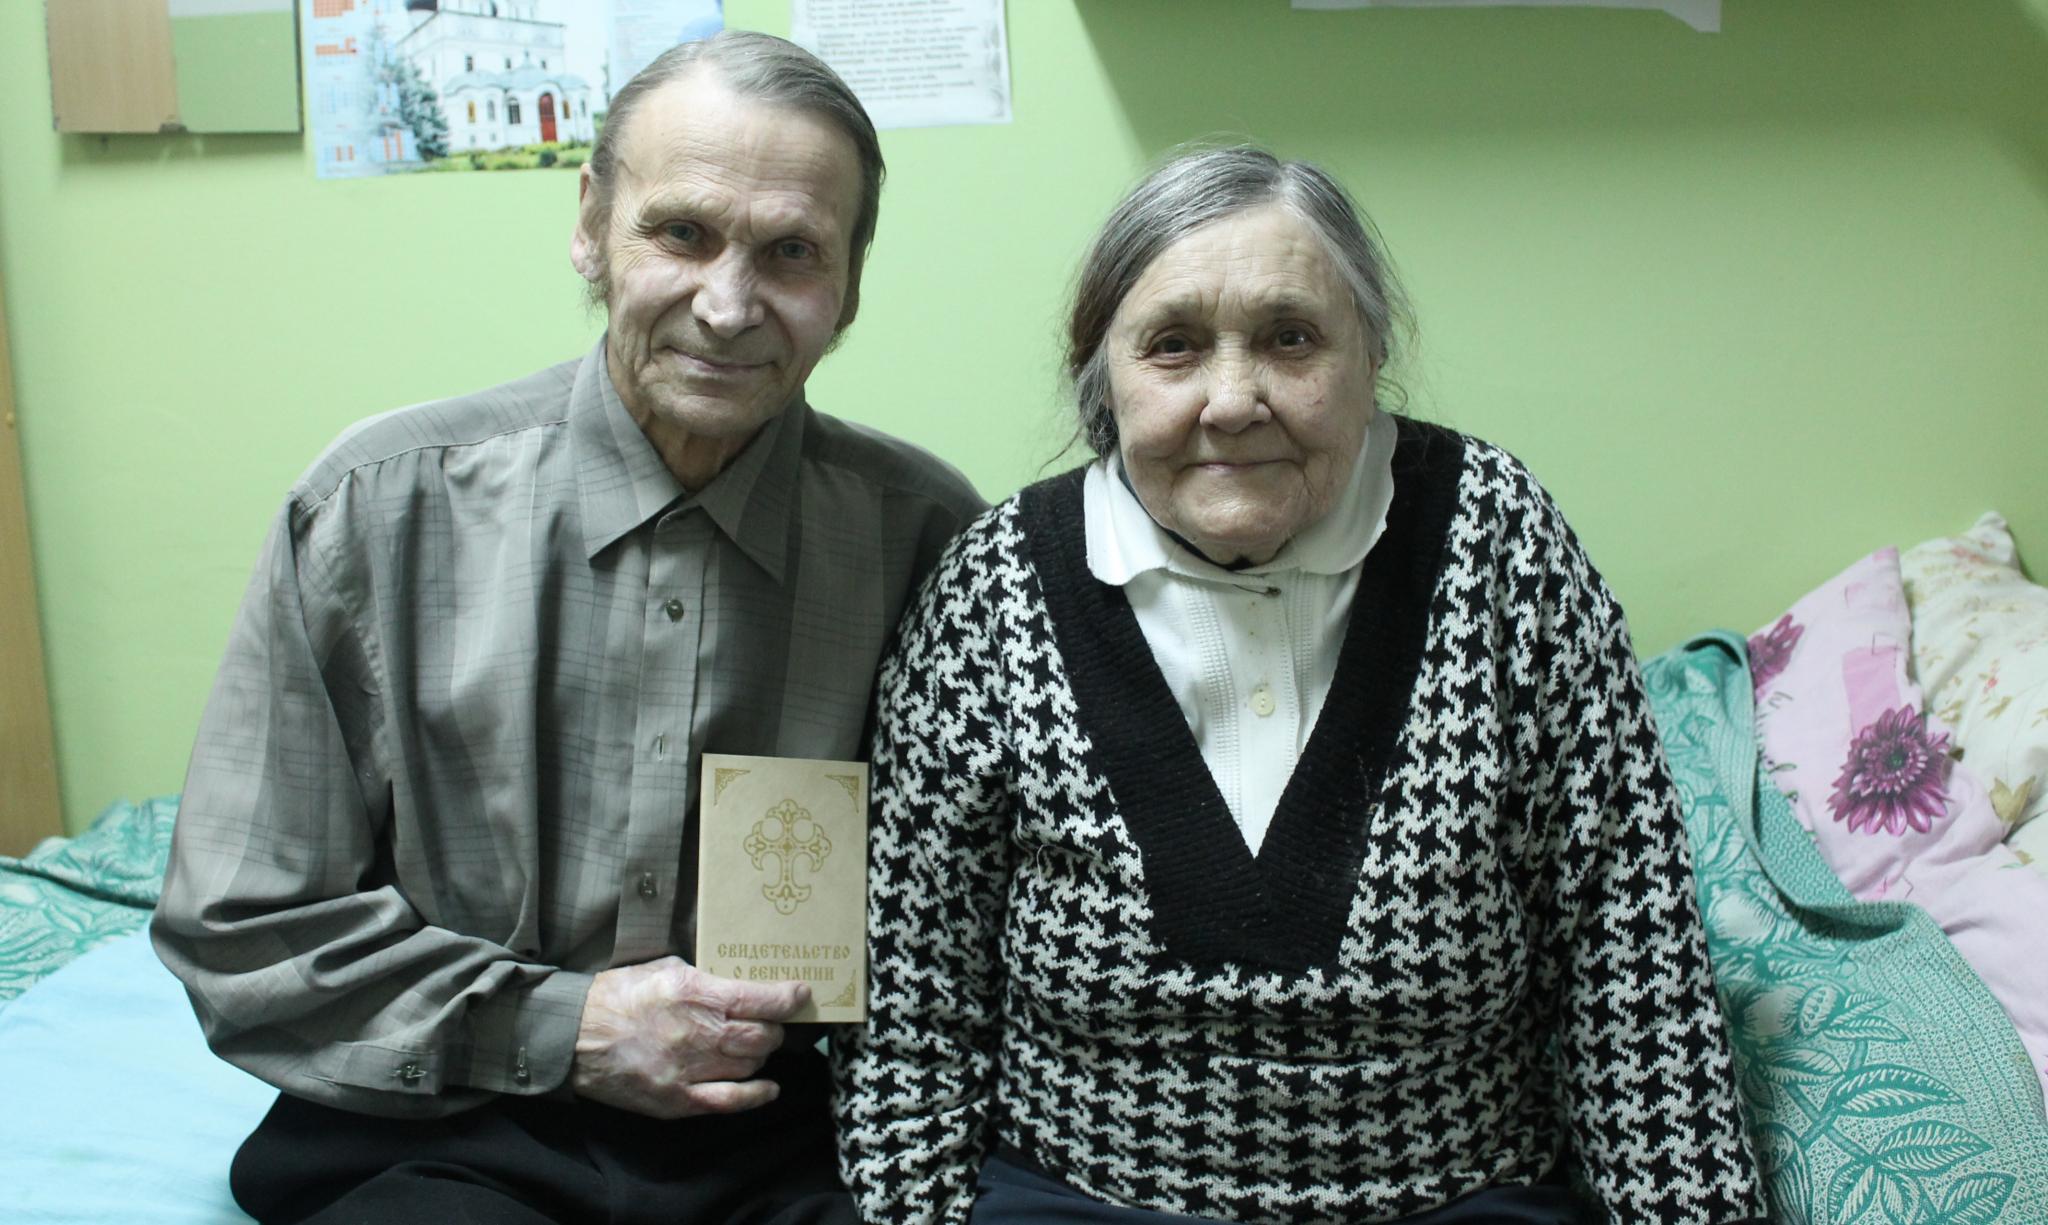 Cупруги встретились в чепецком доме-интернате спустя 40 лет